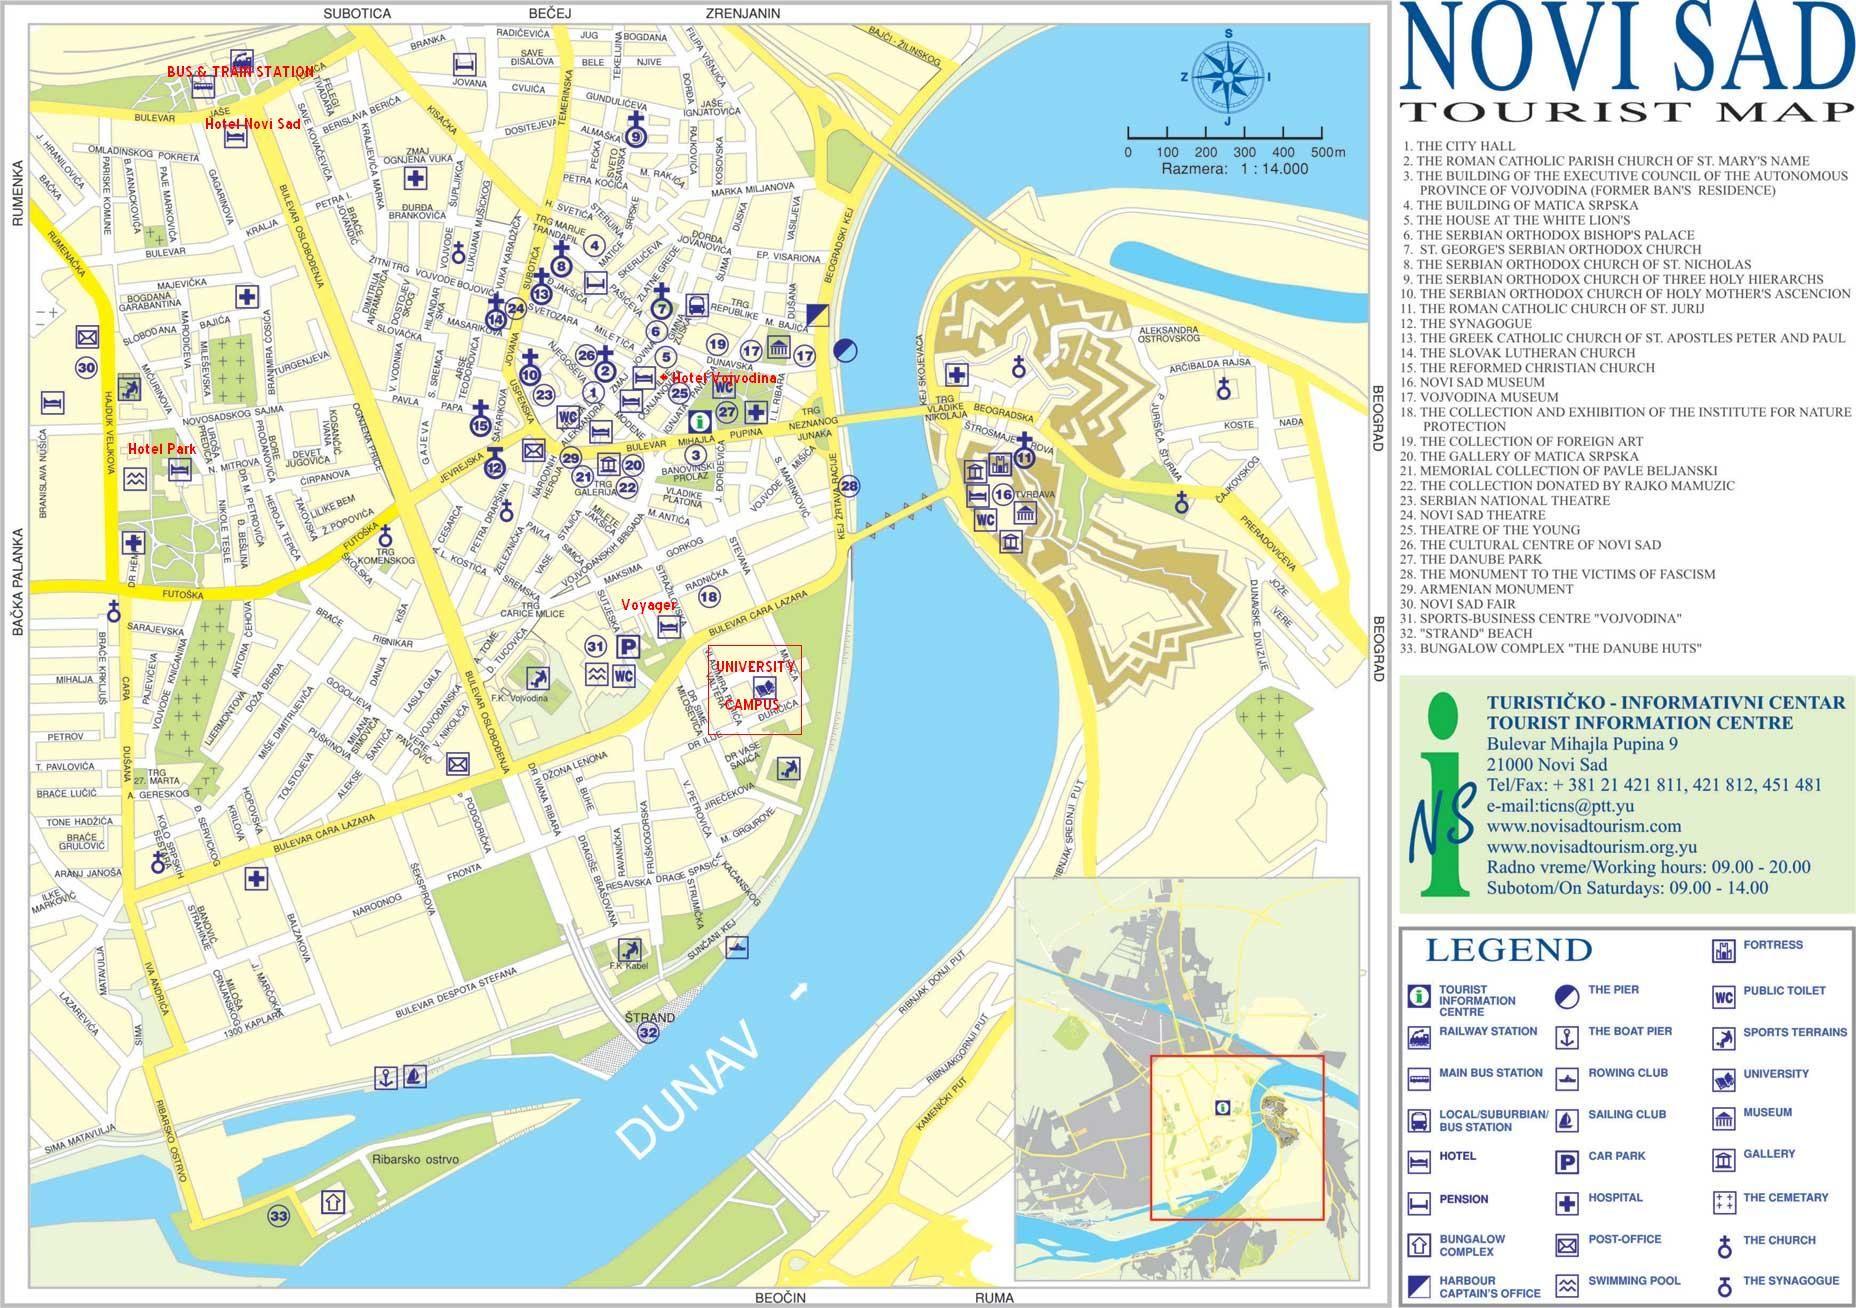 Novi Sad Tourist Map Novi Sad Vojvodina Serbia Pinterest - Novi sad map